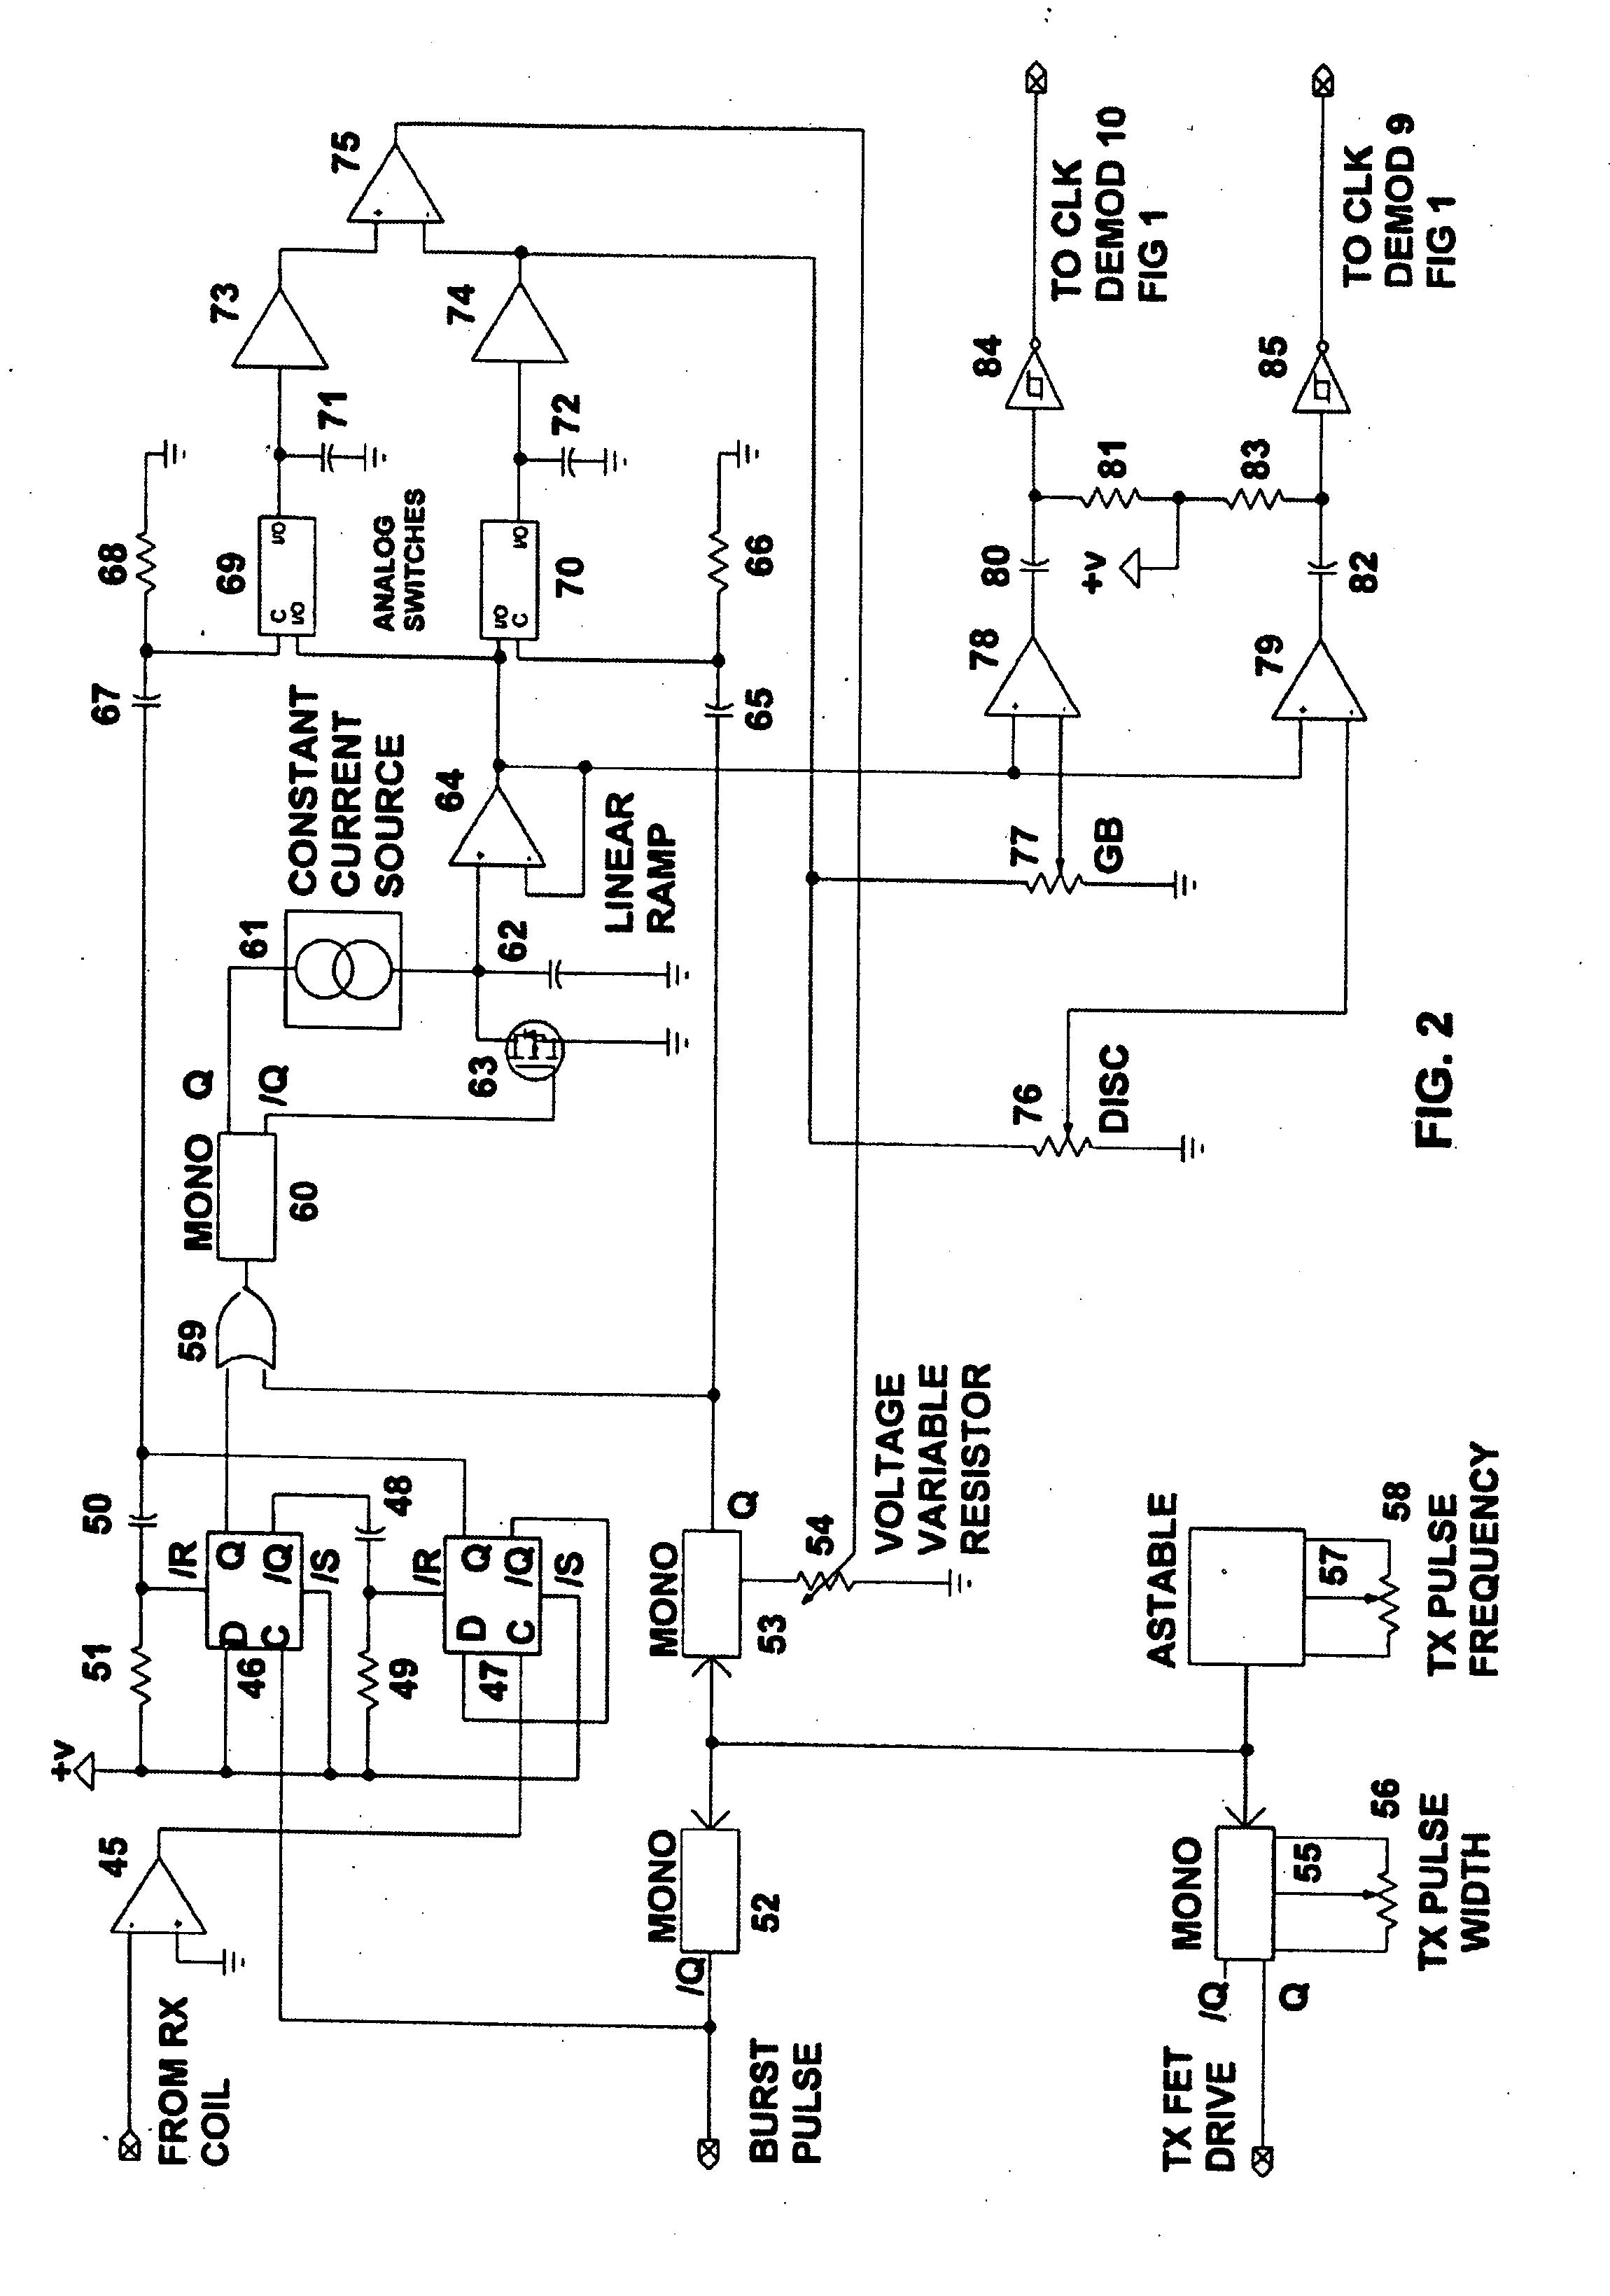 patent us20090045813